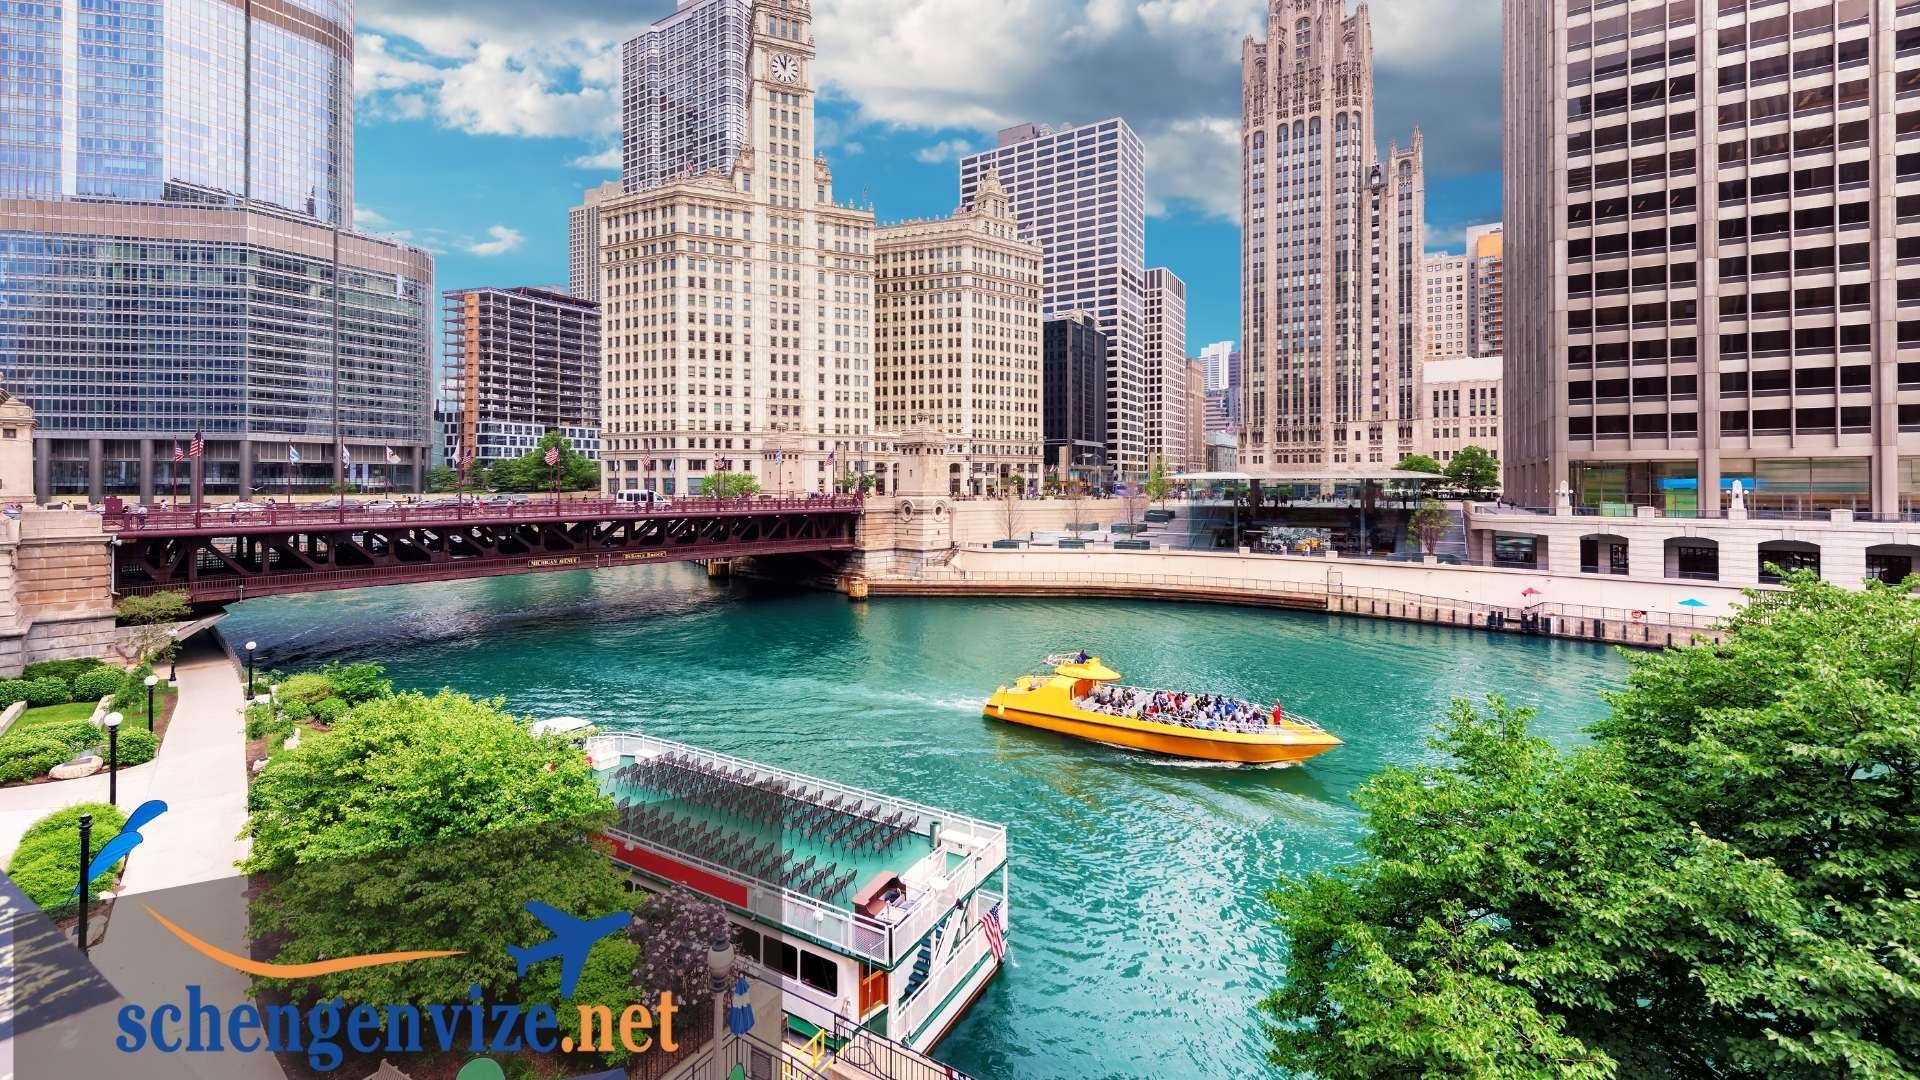 Amerika Turistik Vizesi İçin Statü ve Mesleğe Bağlı Gereken Ekstra Evraklar